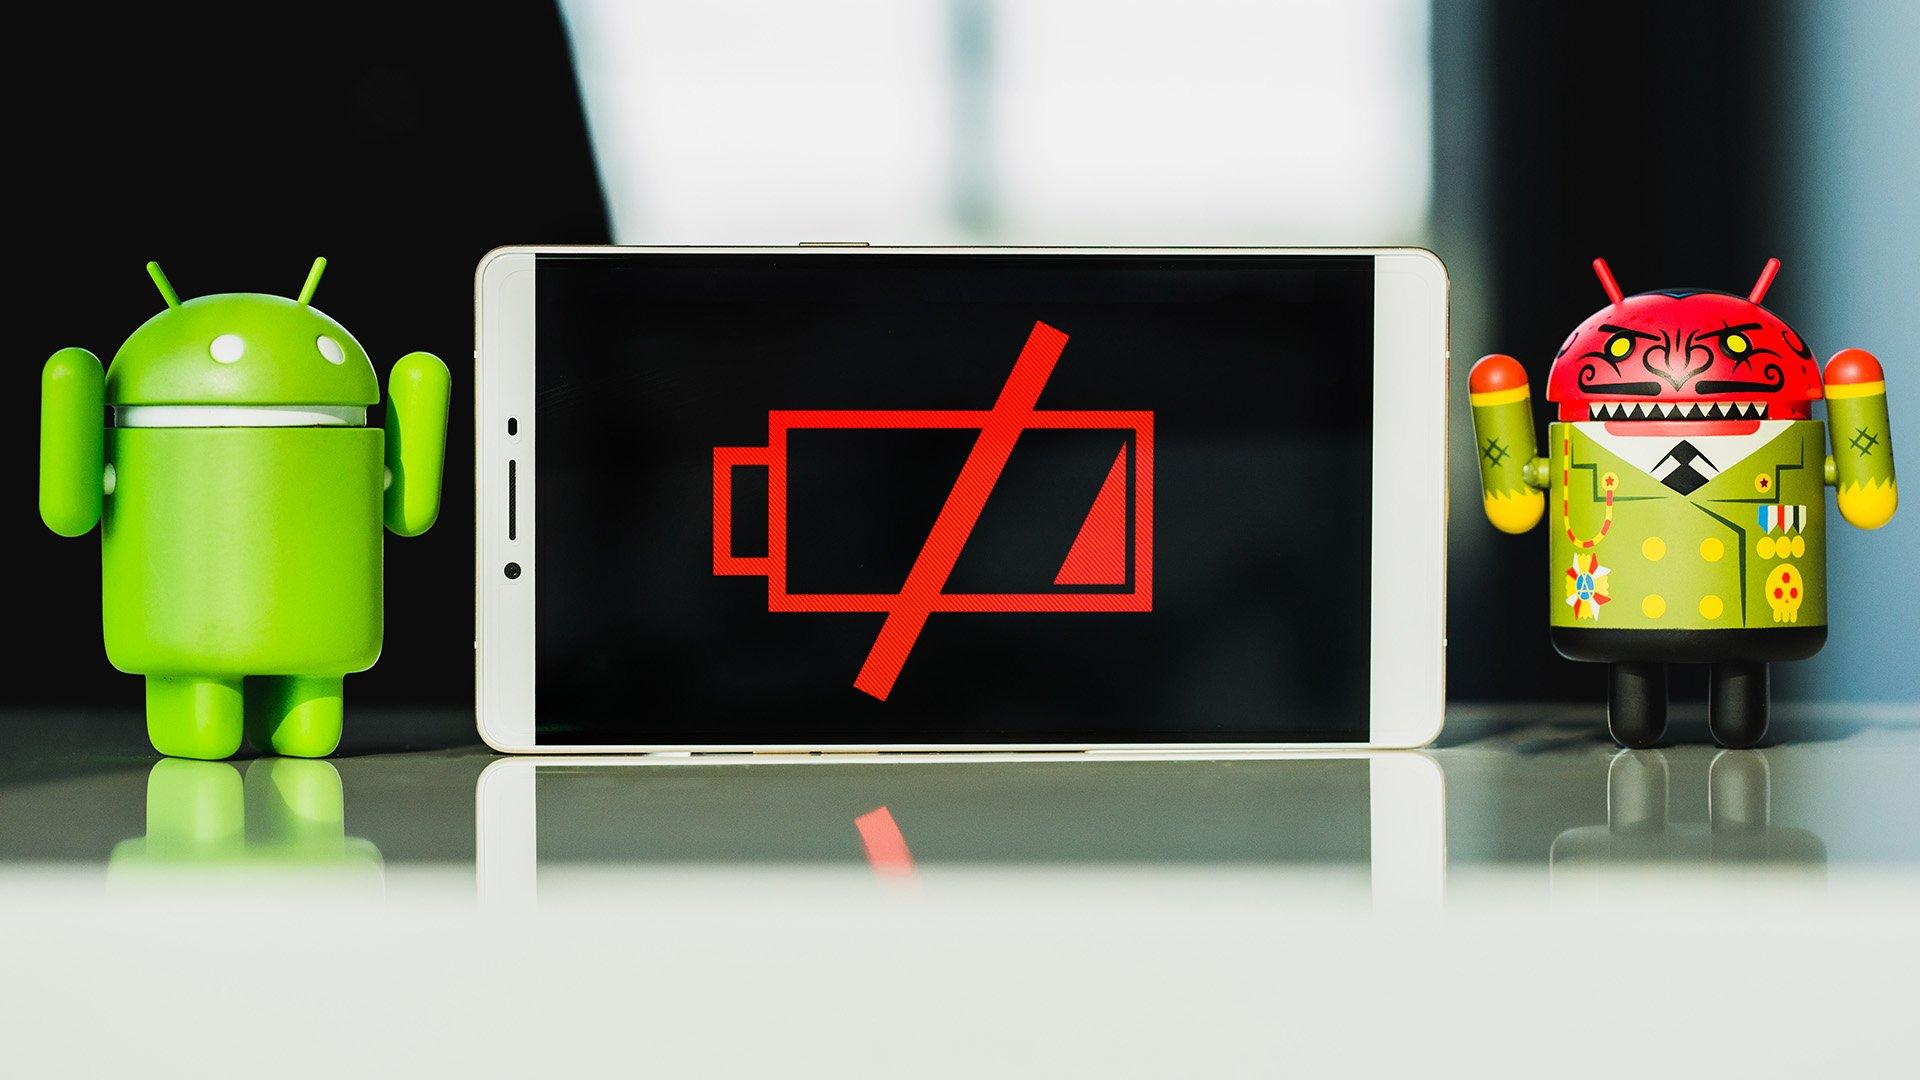 En İyi Batarya Ömrü Olan Telefonlar 2018